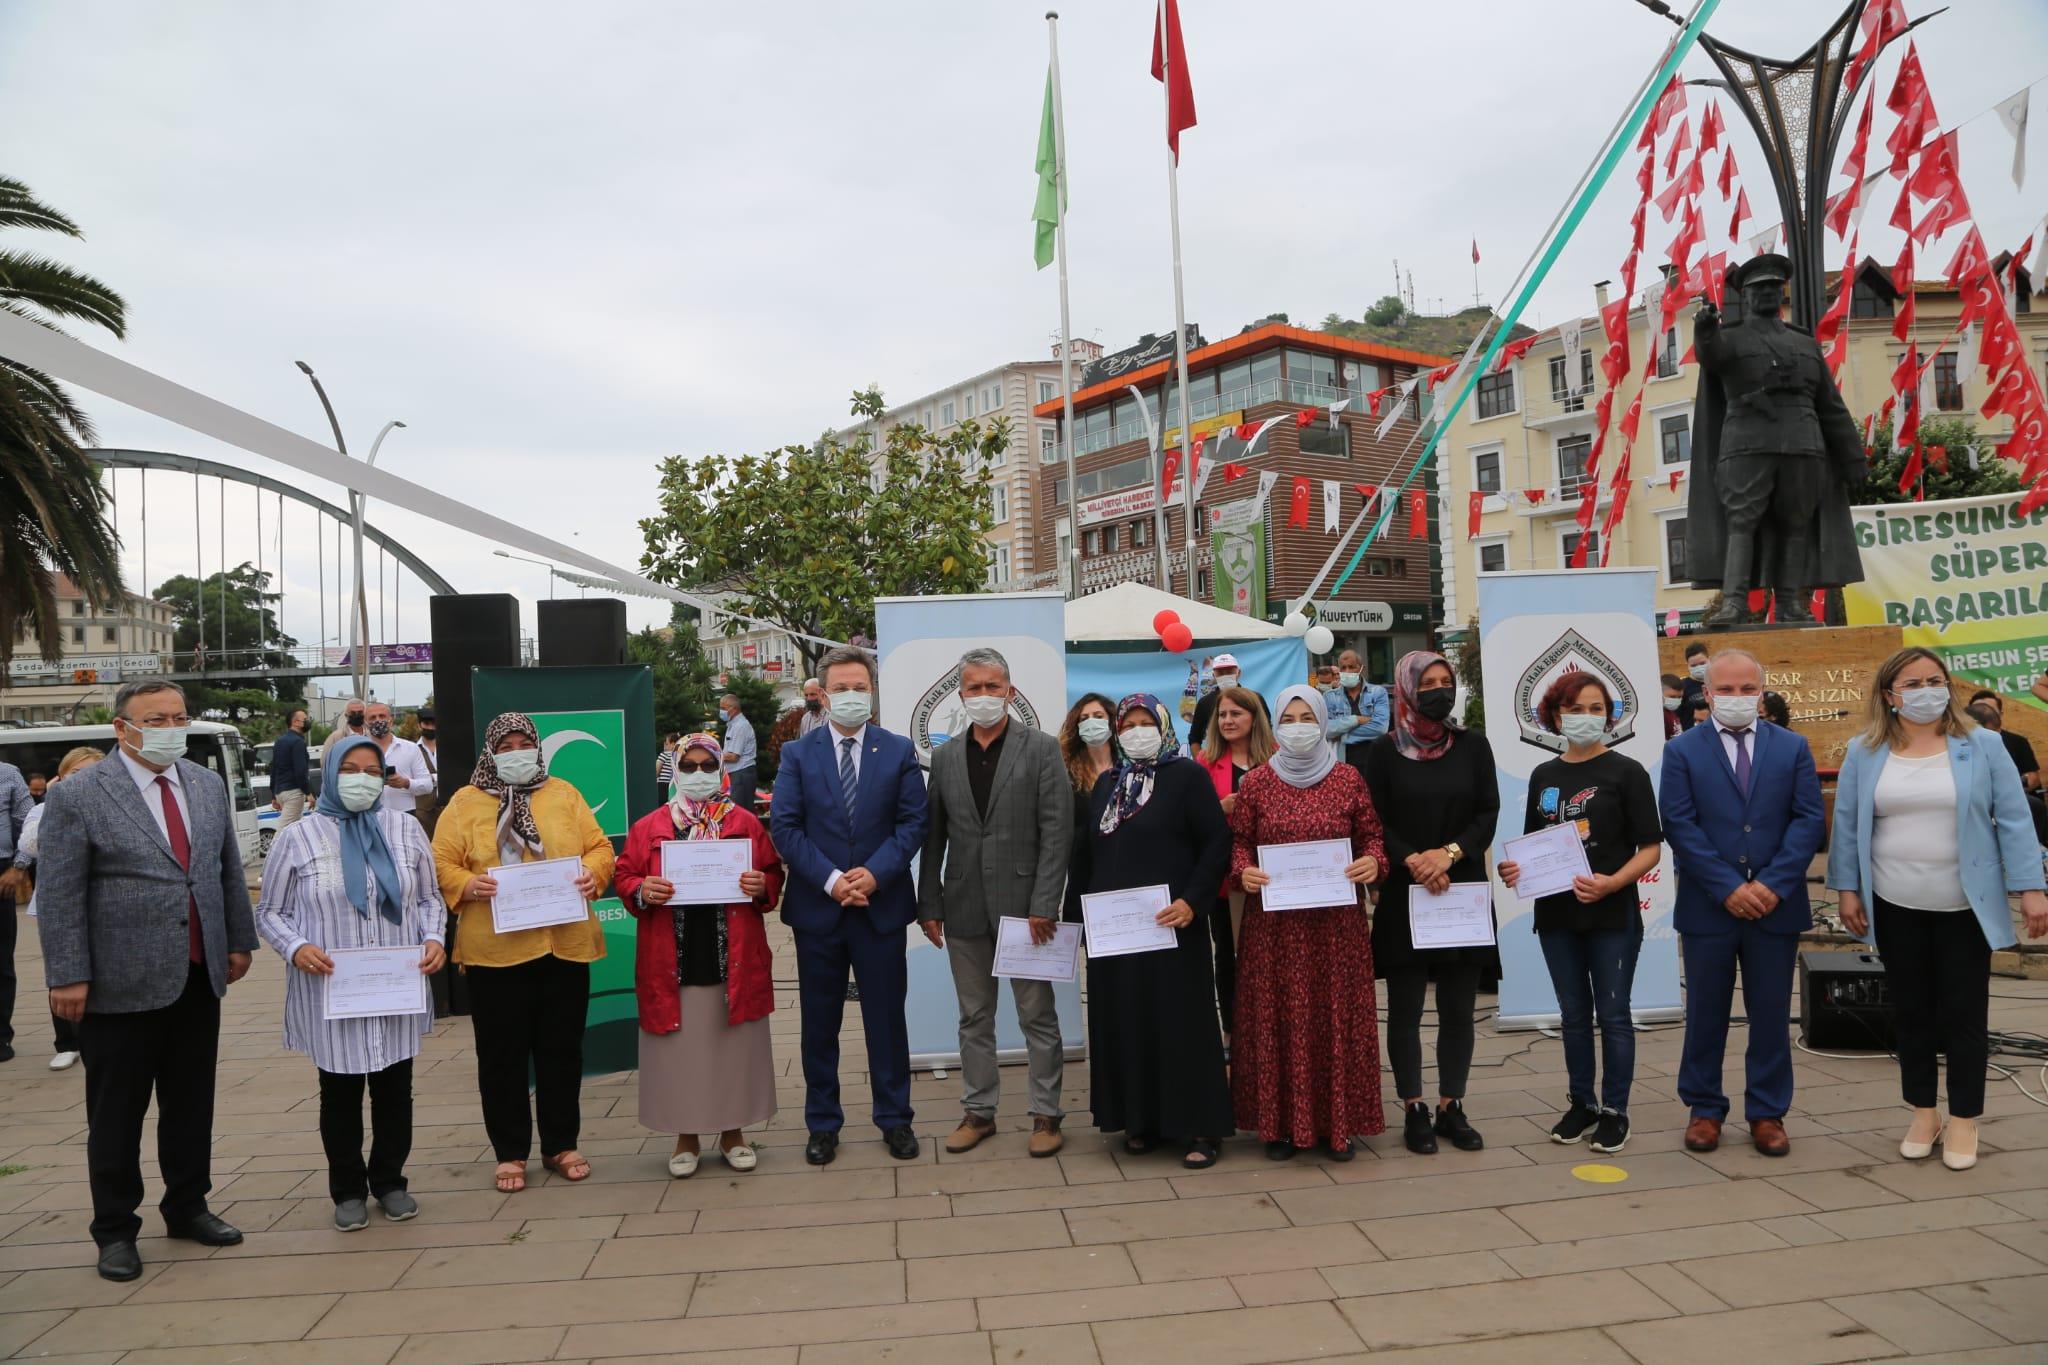 Şehit İsmail Bay Halk Eğitimi Merkezi Yıl Sonu Sergisinin Açılışı Yapıldı